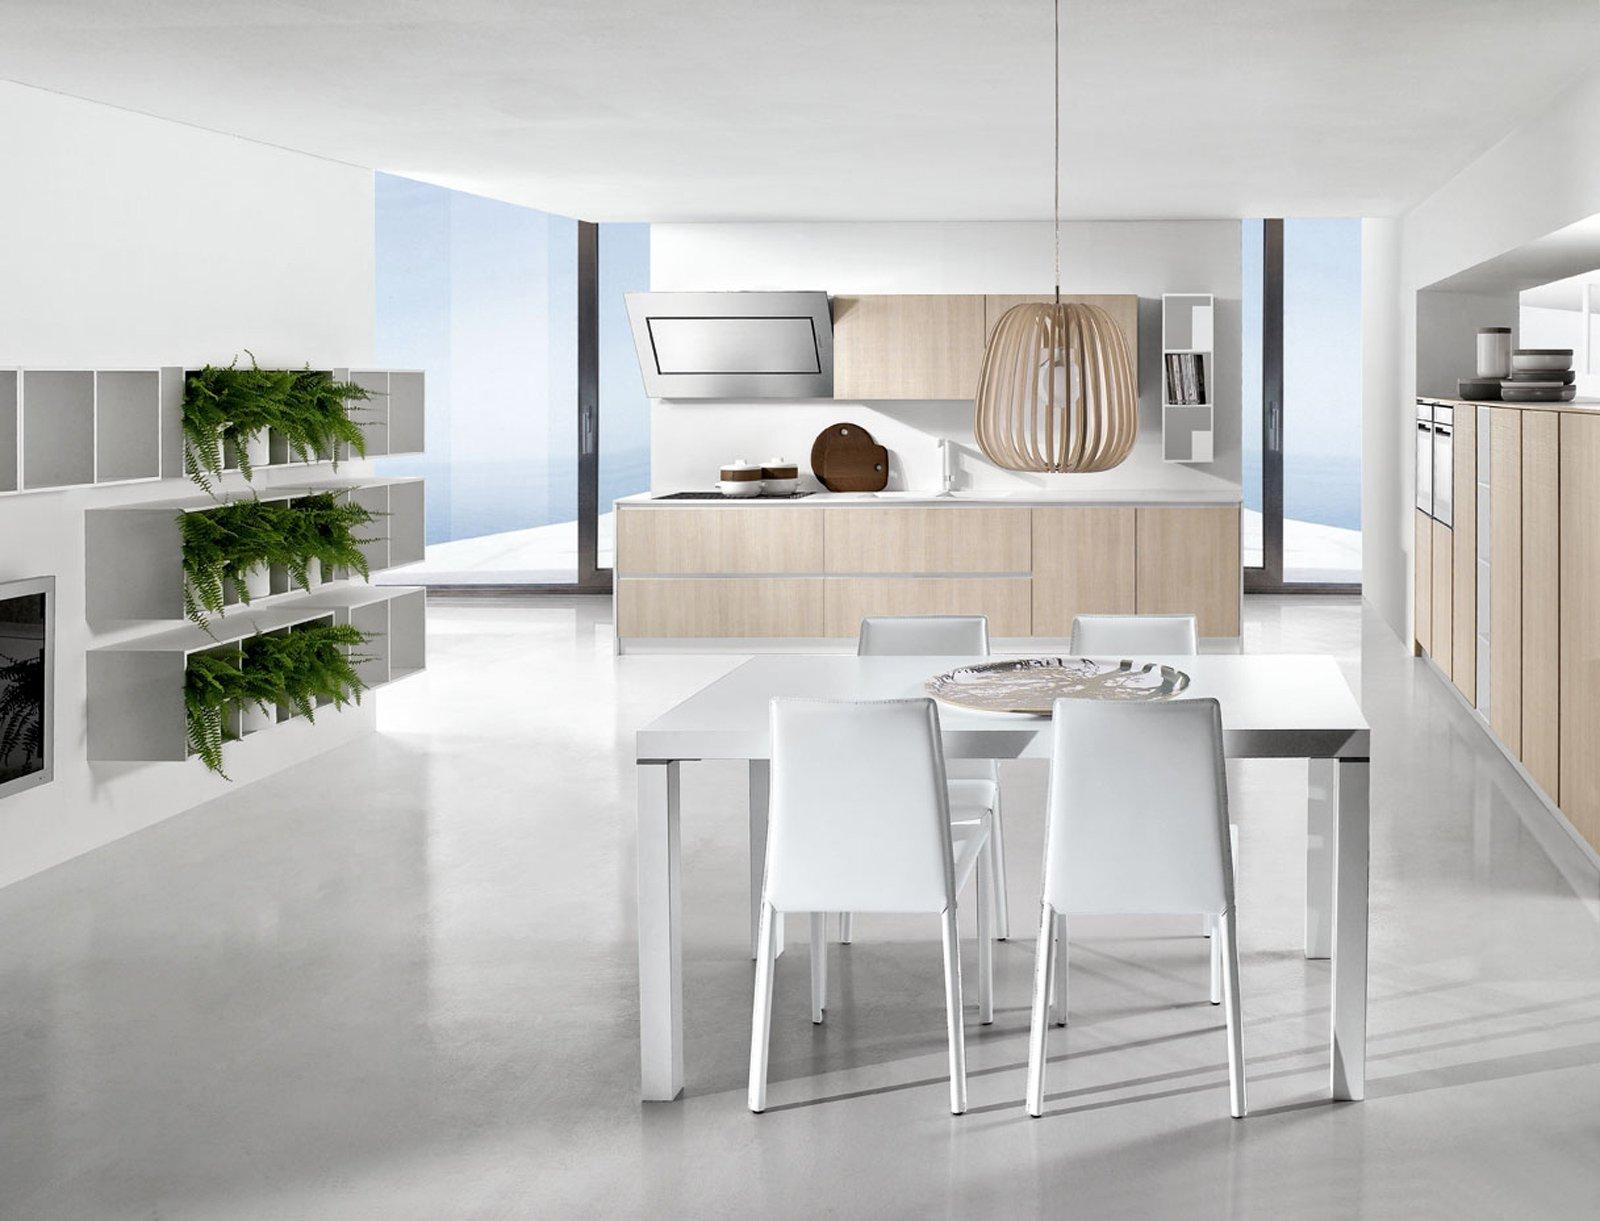 Cucina in legno moderna o classica cose di casa Decoracion de interiores cocinas